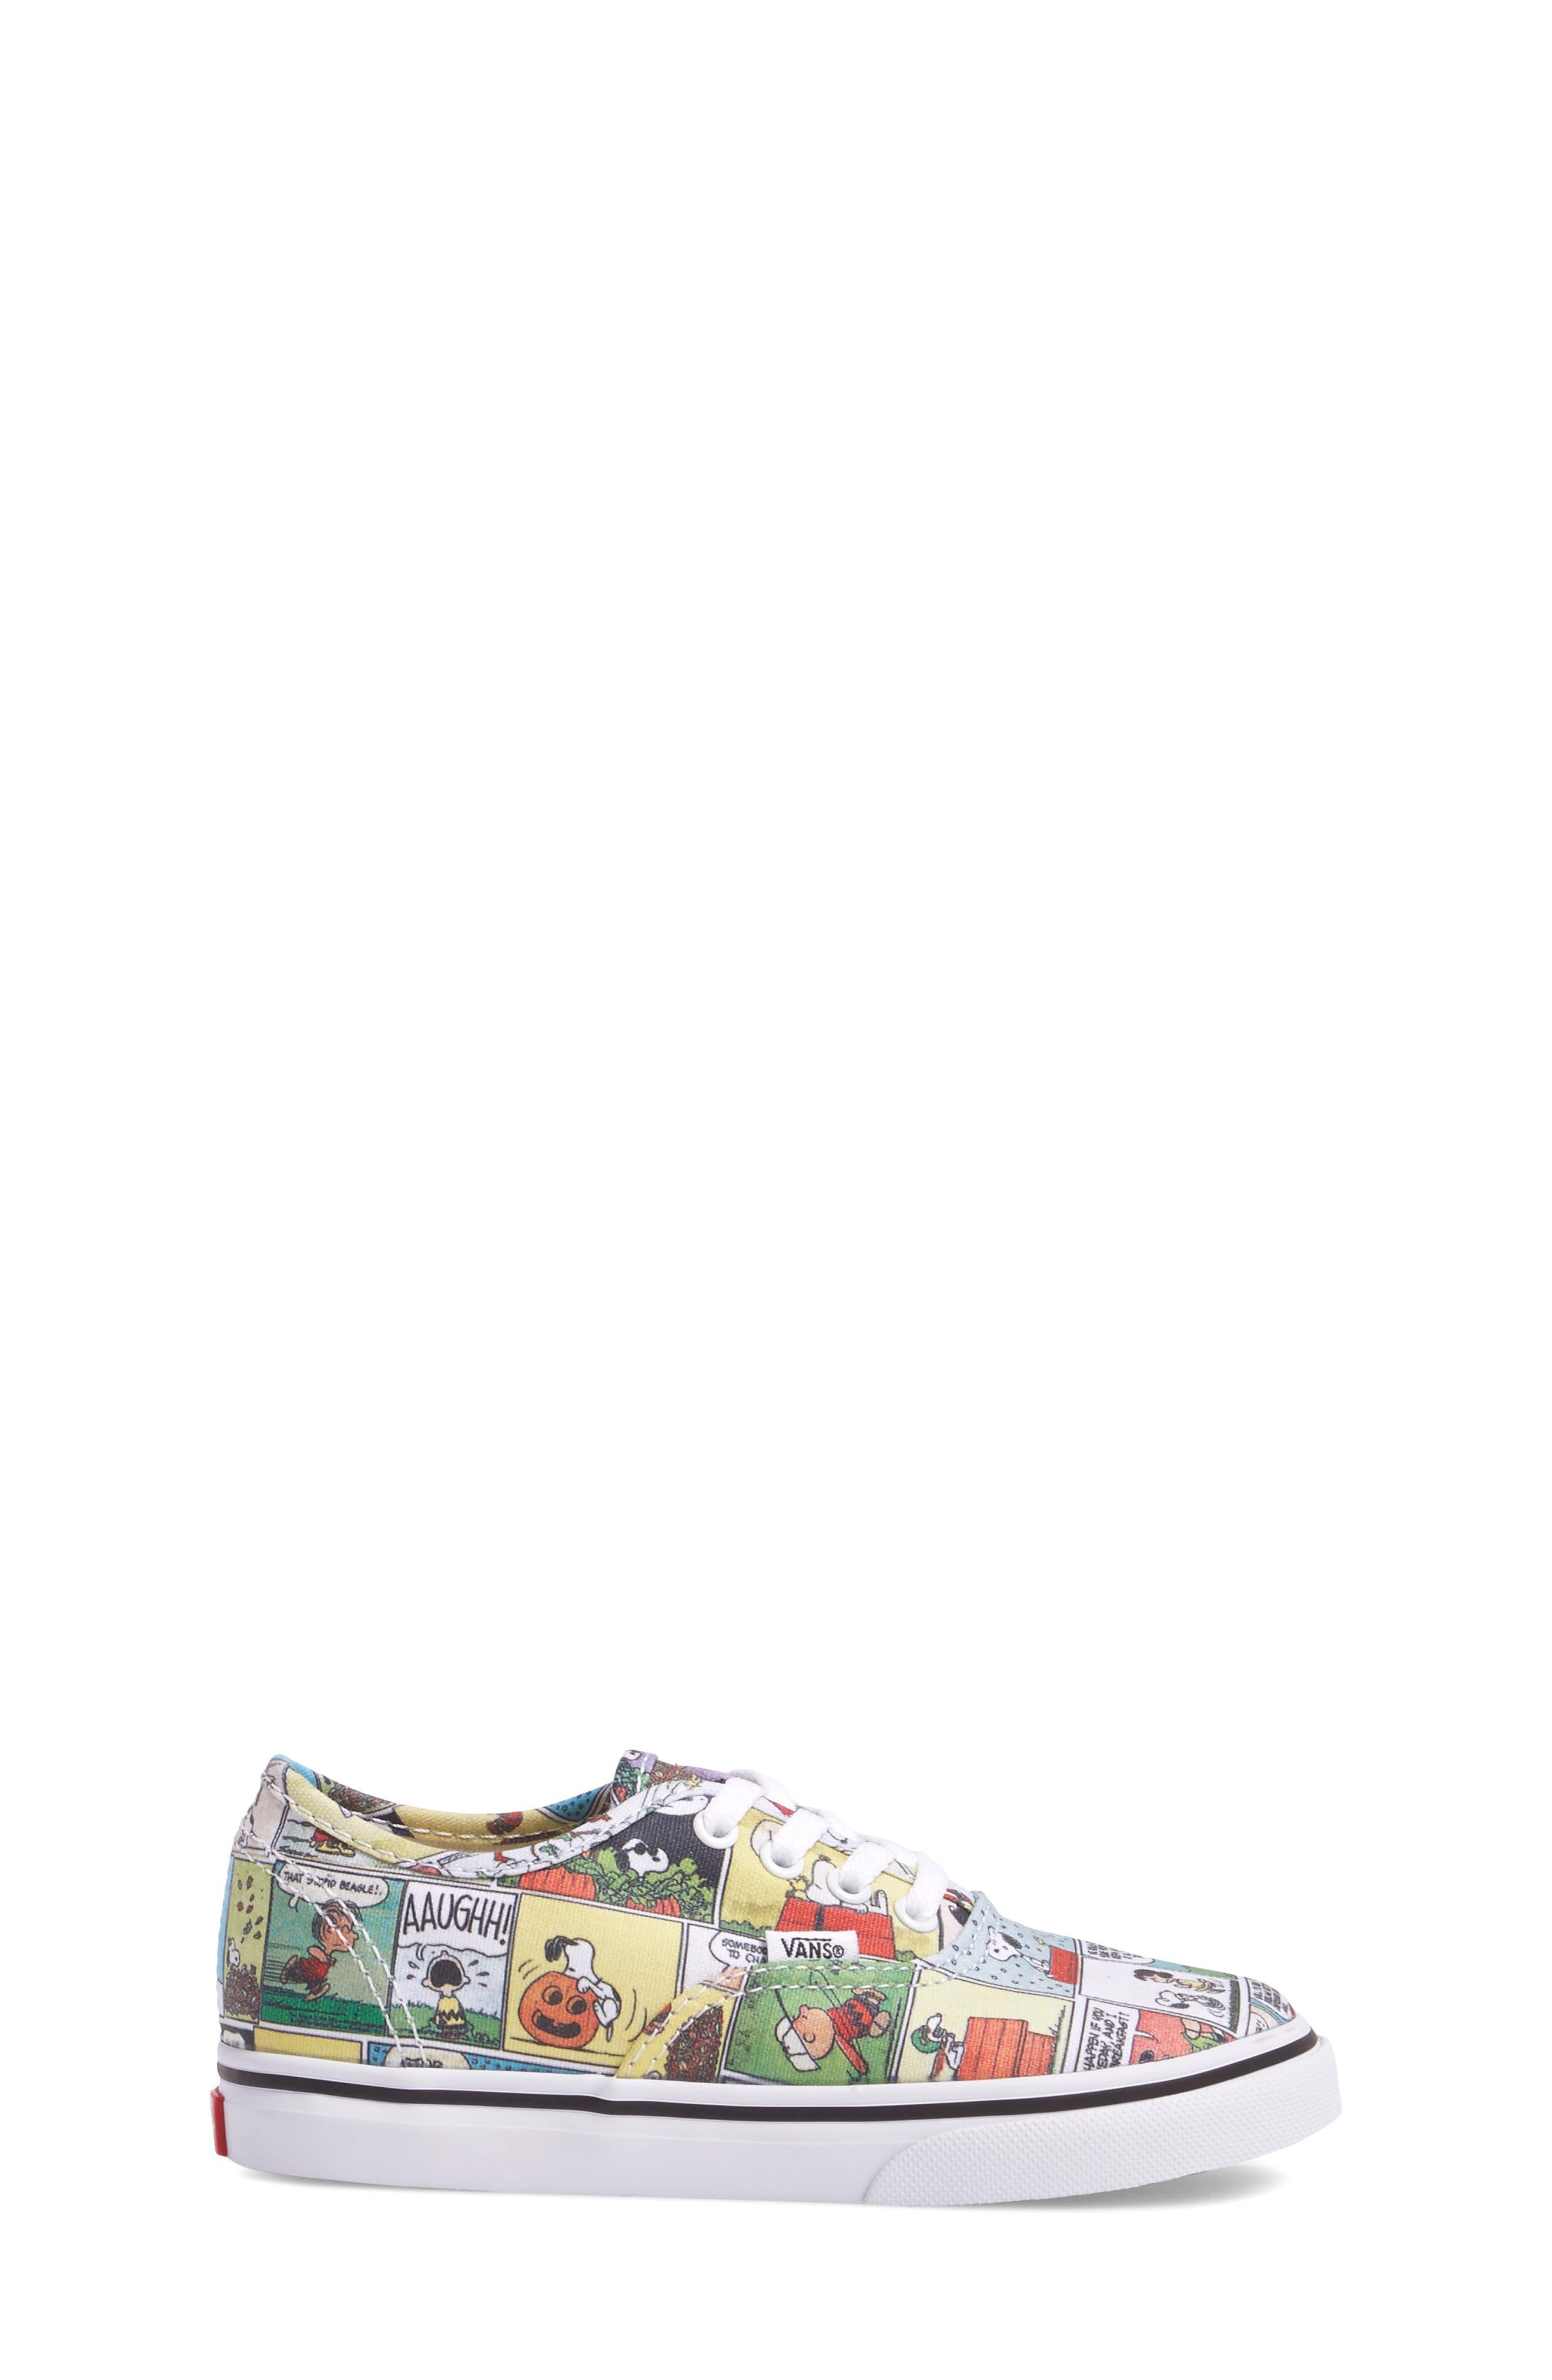 Alternate Image 3  - Vans x Peanuts Authentic Low Top Sneaker (Baby, Walker, Toddler, Little Kid & Big Kid)